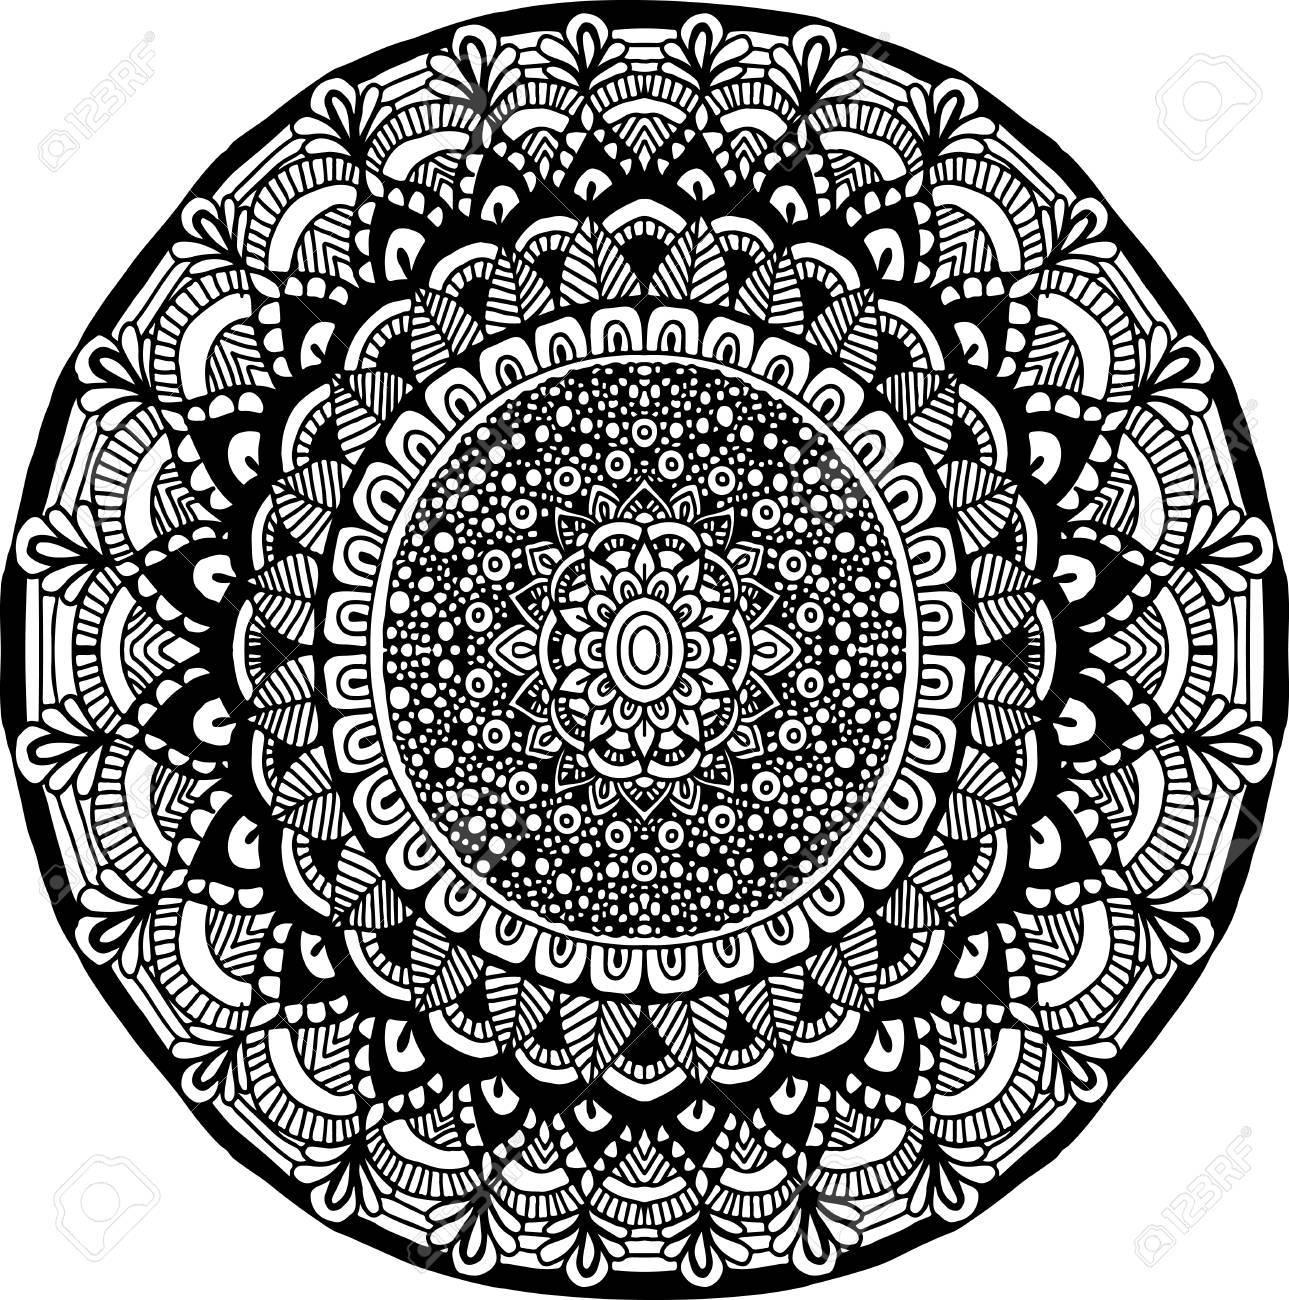 Coloriage Adulte Fond Noir.Ornement De Mandala Abstraite Pour Livres A Colorier Pour Adultes